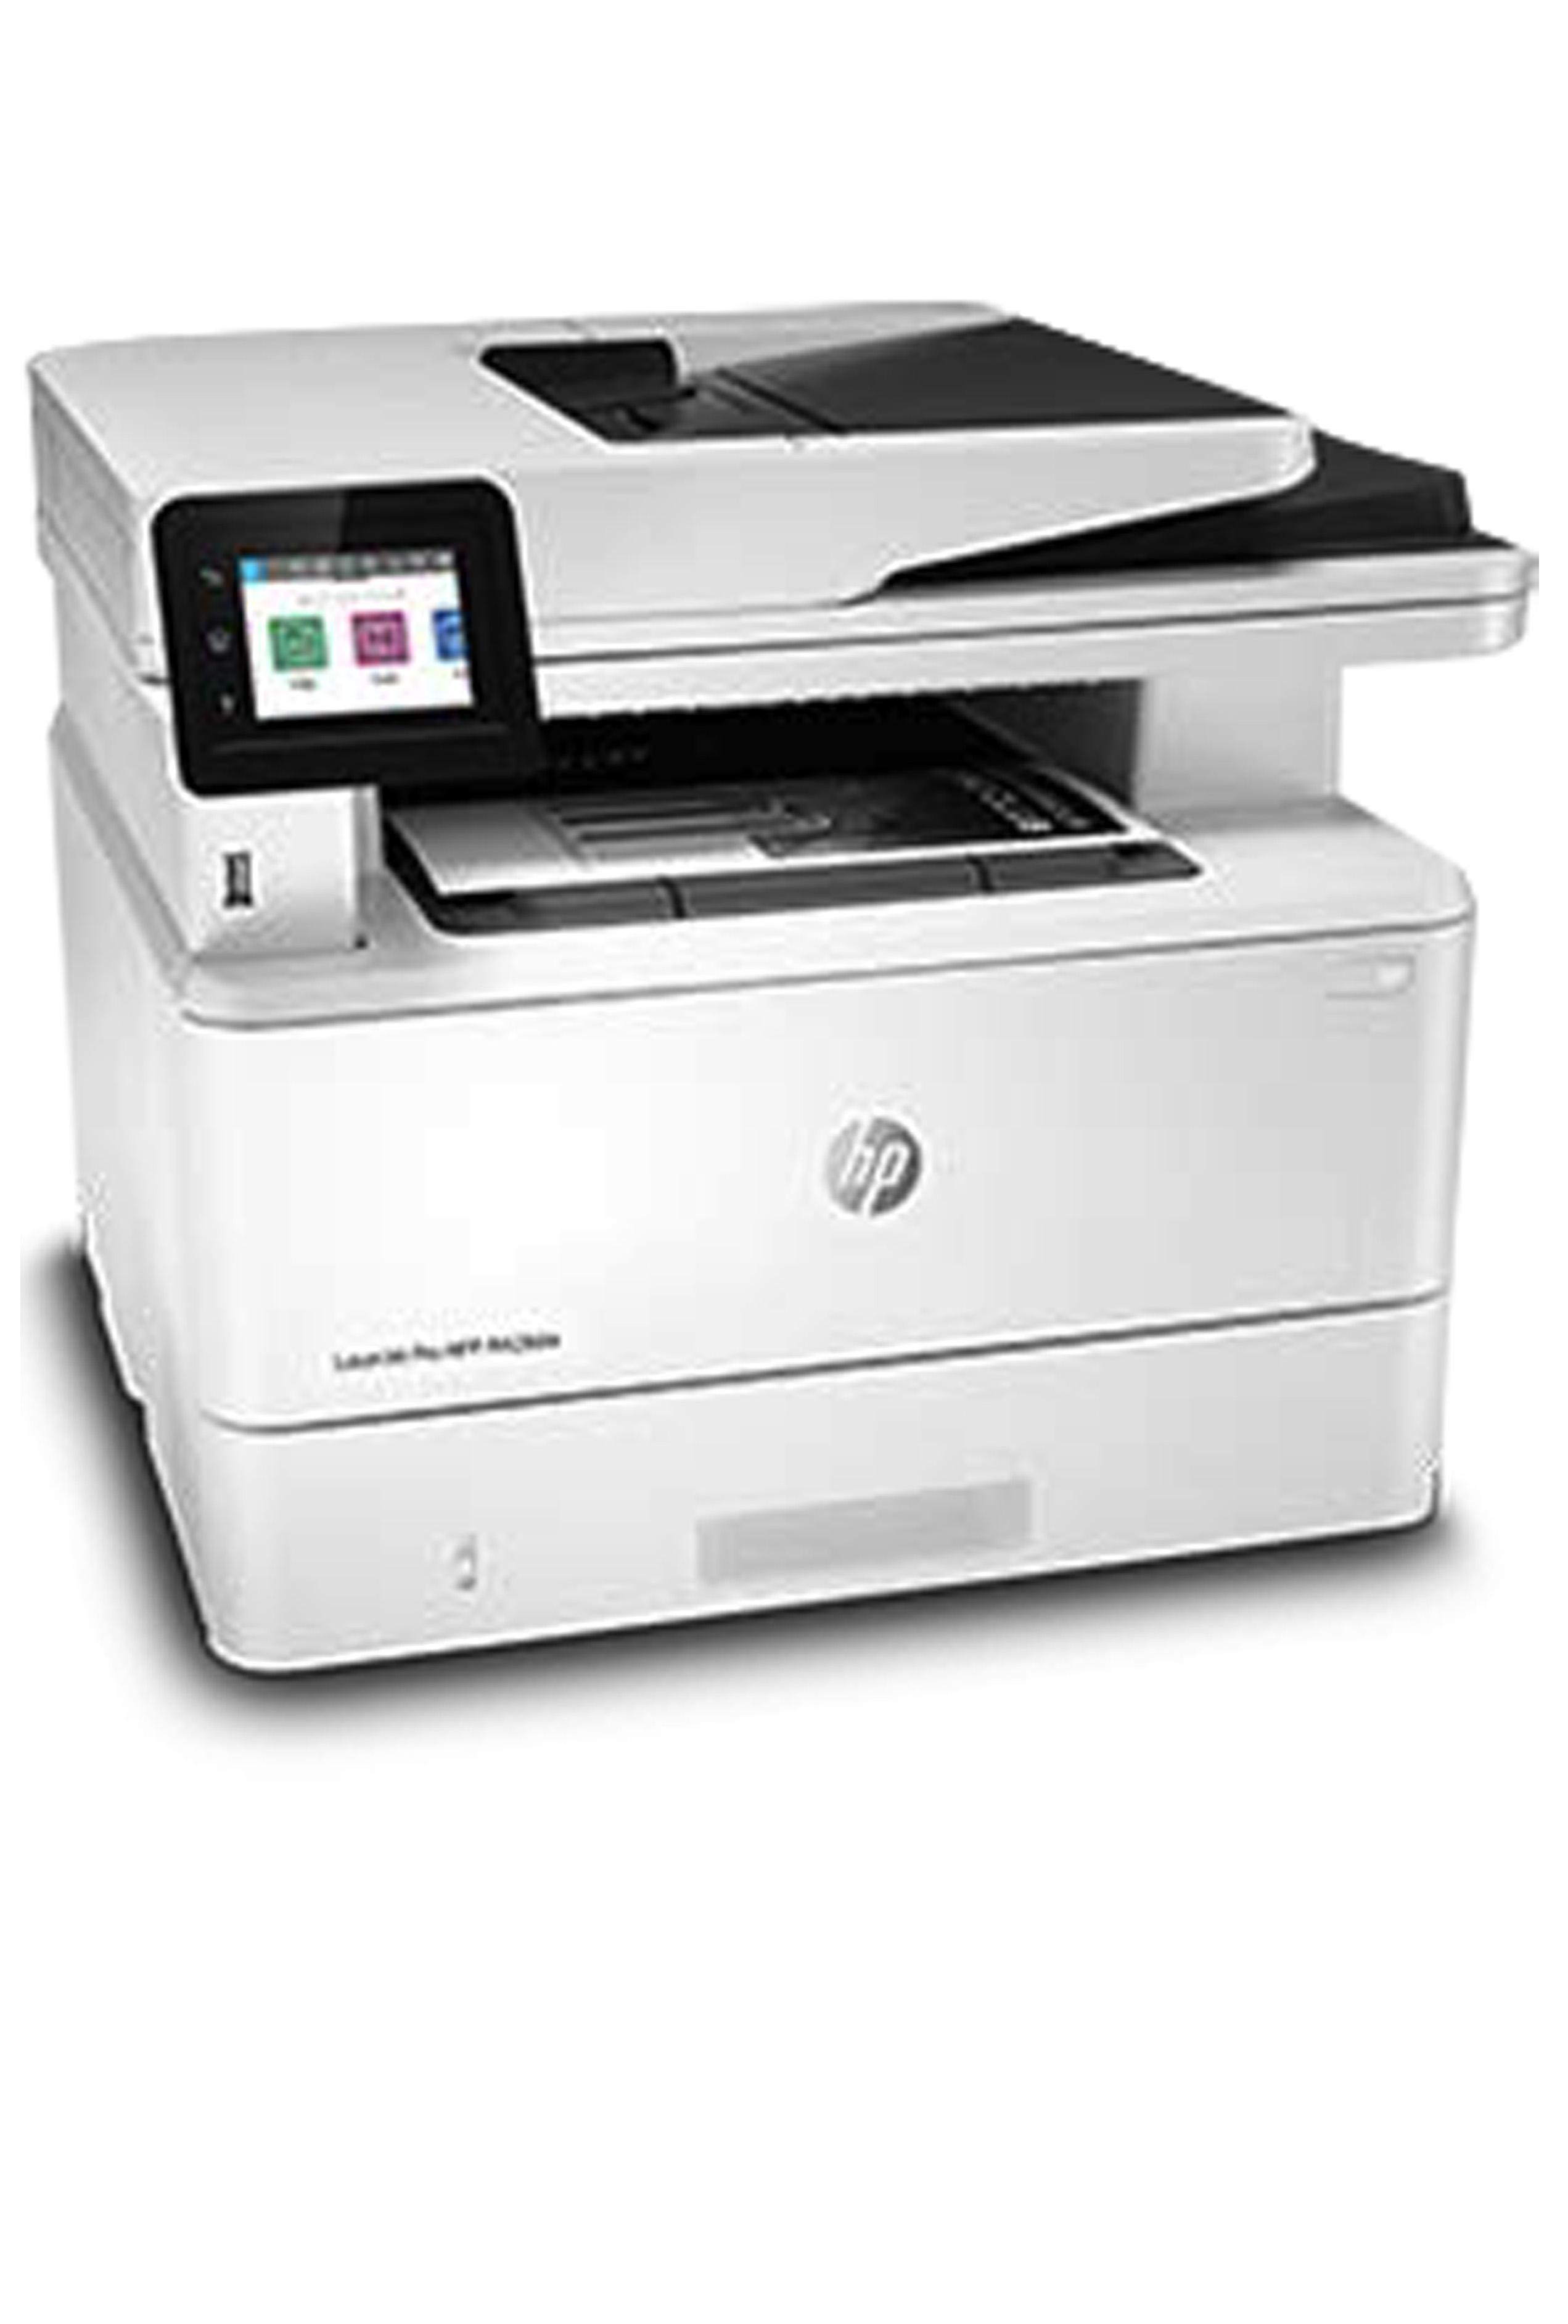 HP LaserJet Pro MFP M428dw (40/38 ppm)